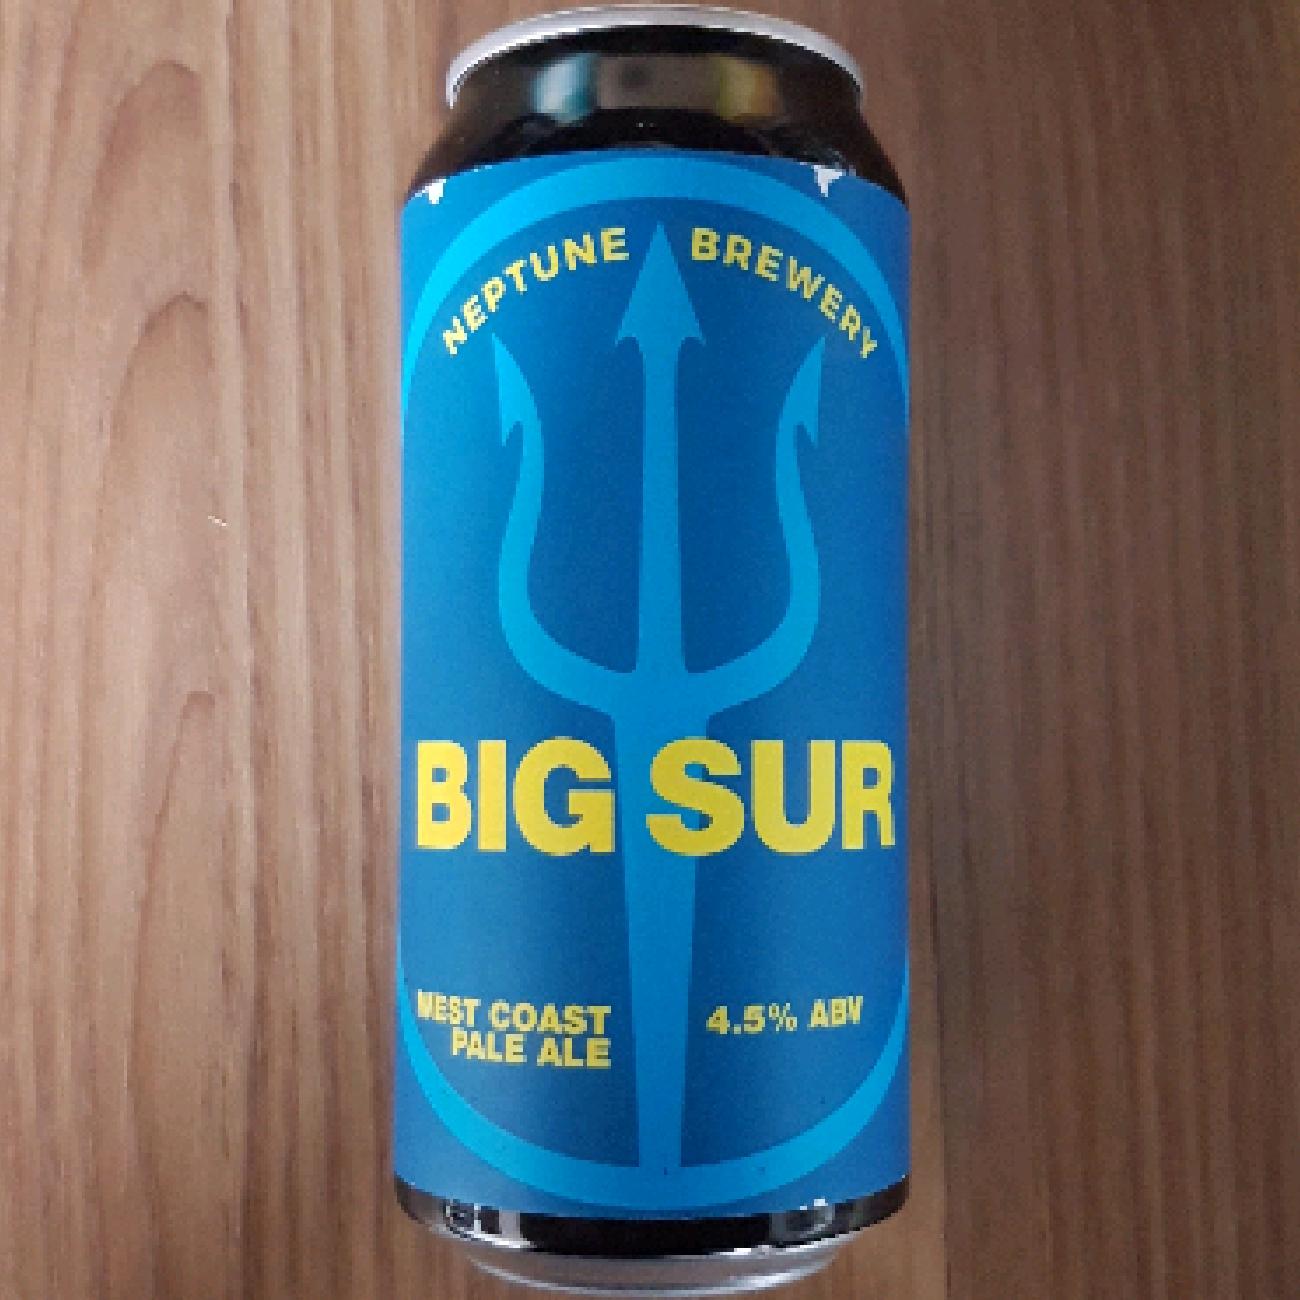 Neptune Big Sur